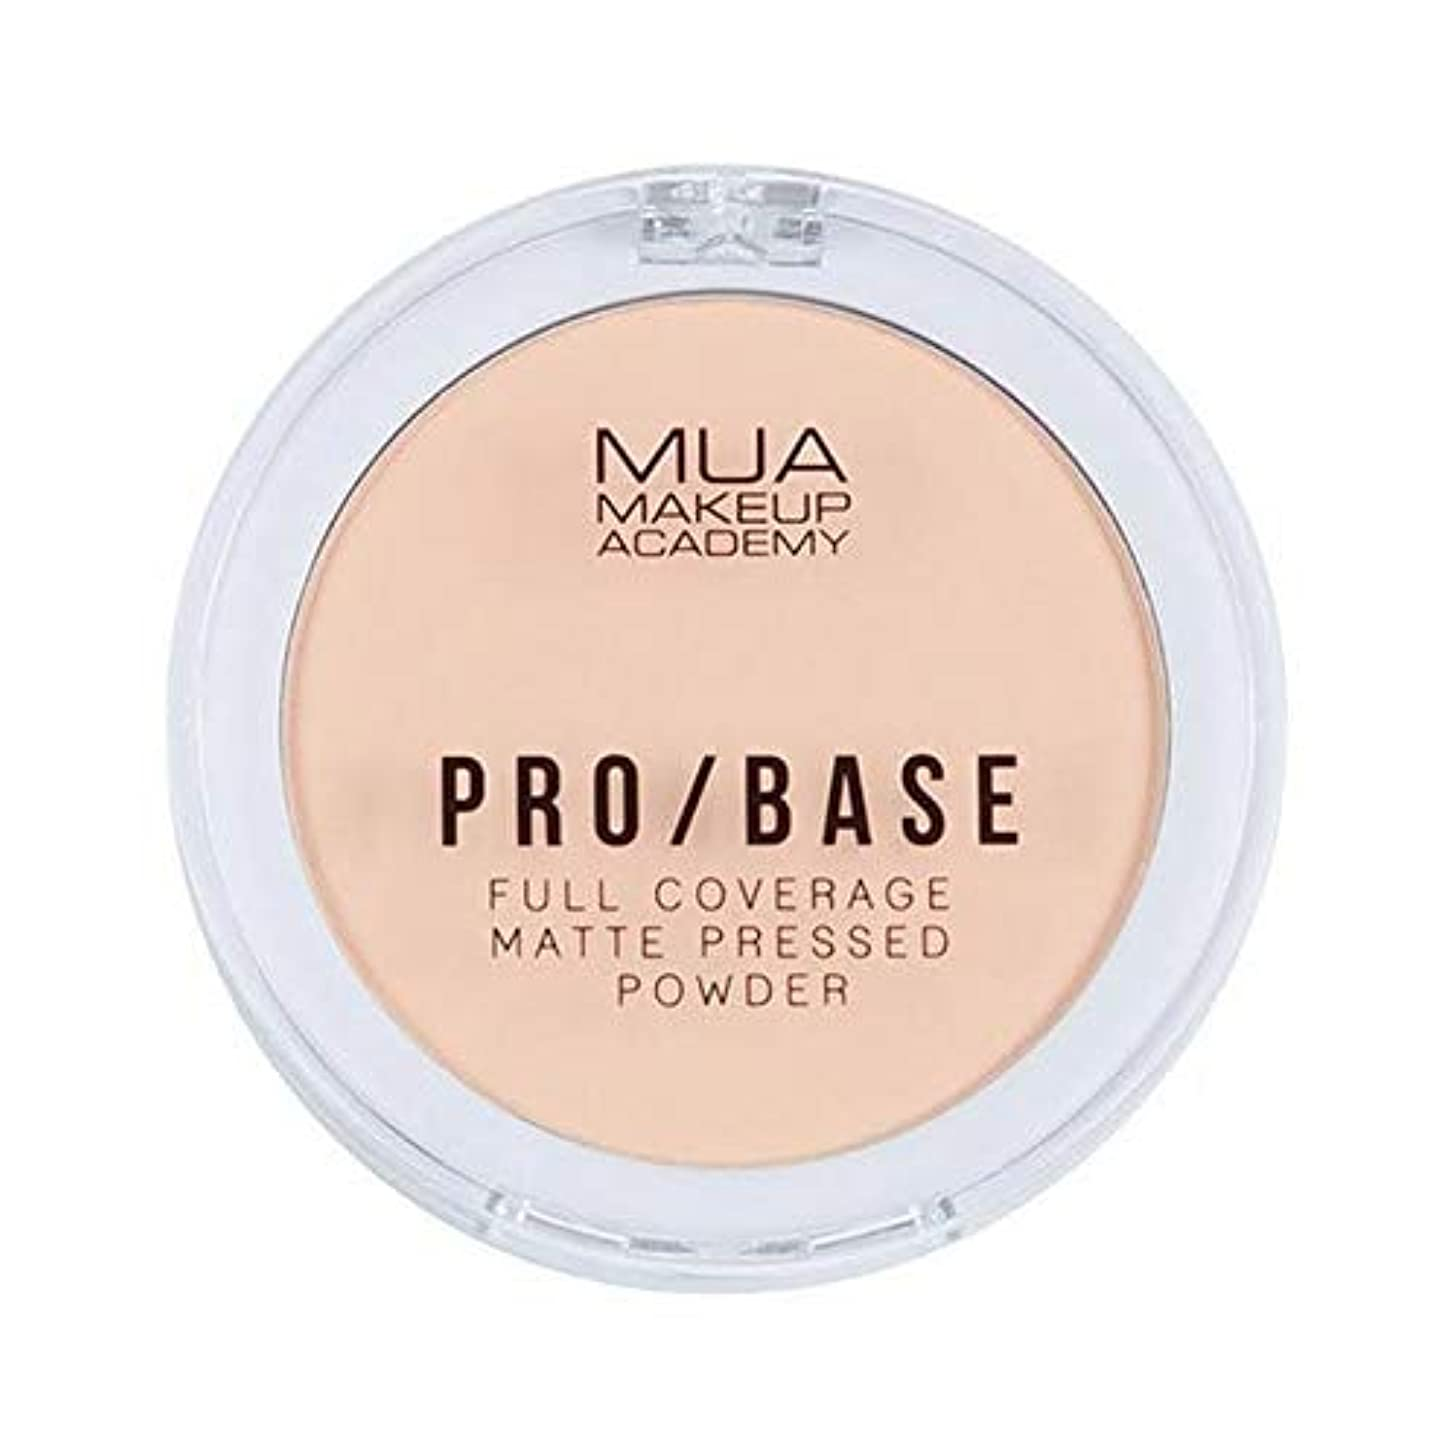 優遇変更可能眼[MUA] Mua Pro/ベースフルカバレッジマット粉末#110 - MUA Pro/Base Full Coverage Matte Powder #110 [並行輸入品]